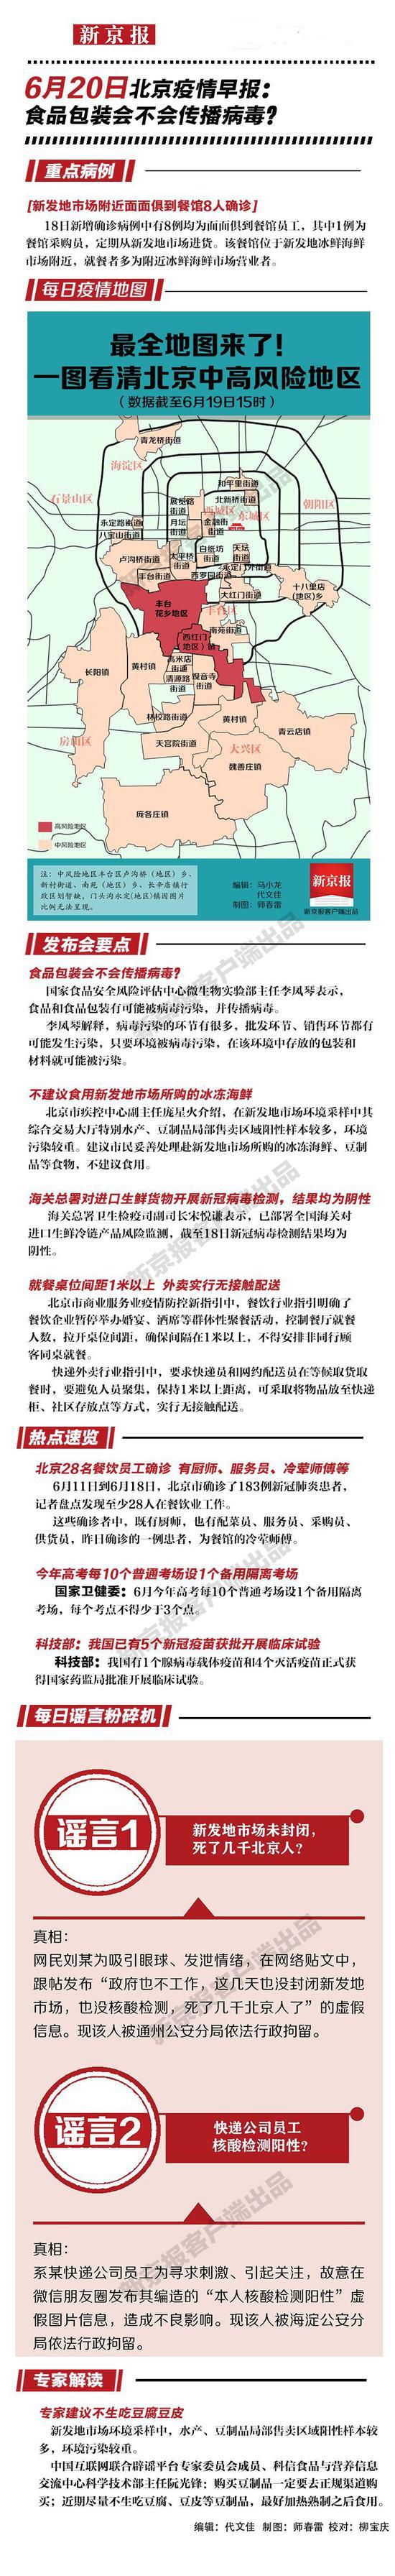 【杏悦代理】20日北杏悦代理京疫情早报图片